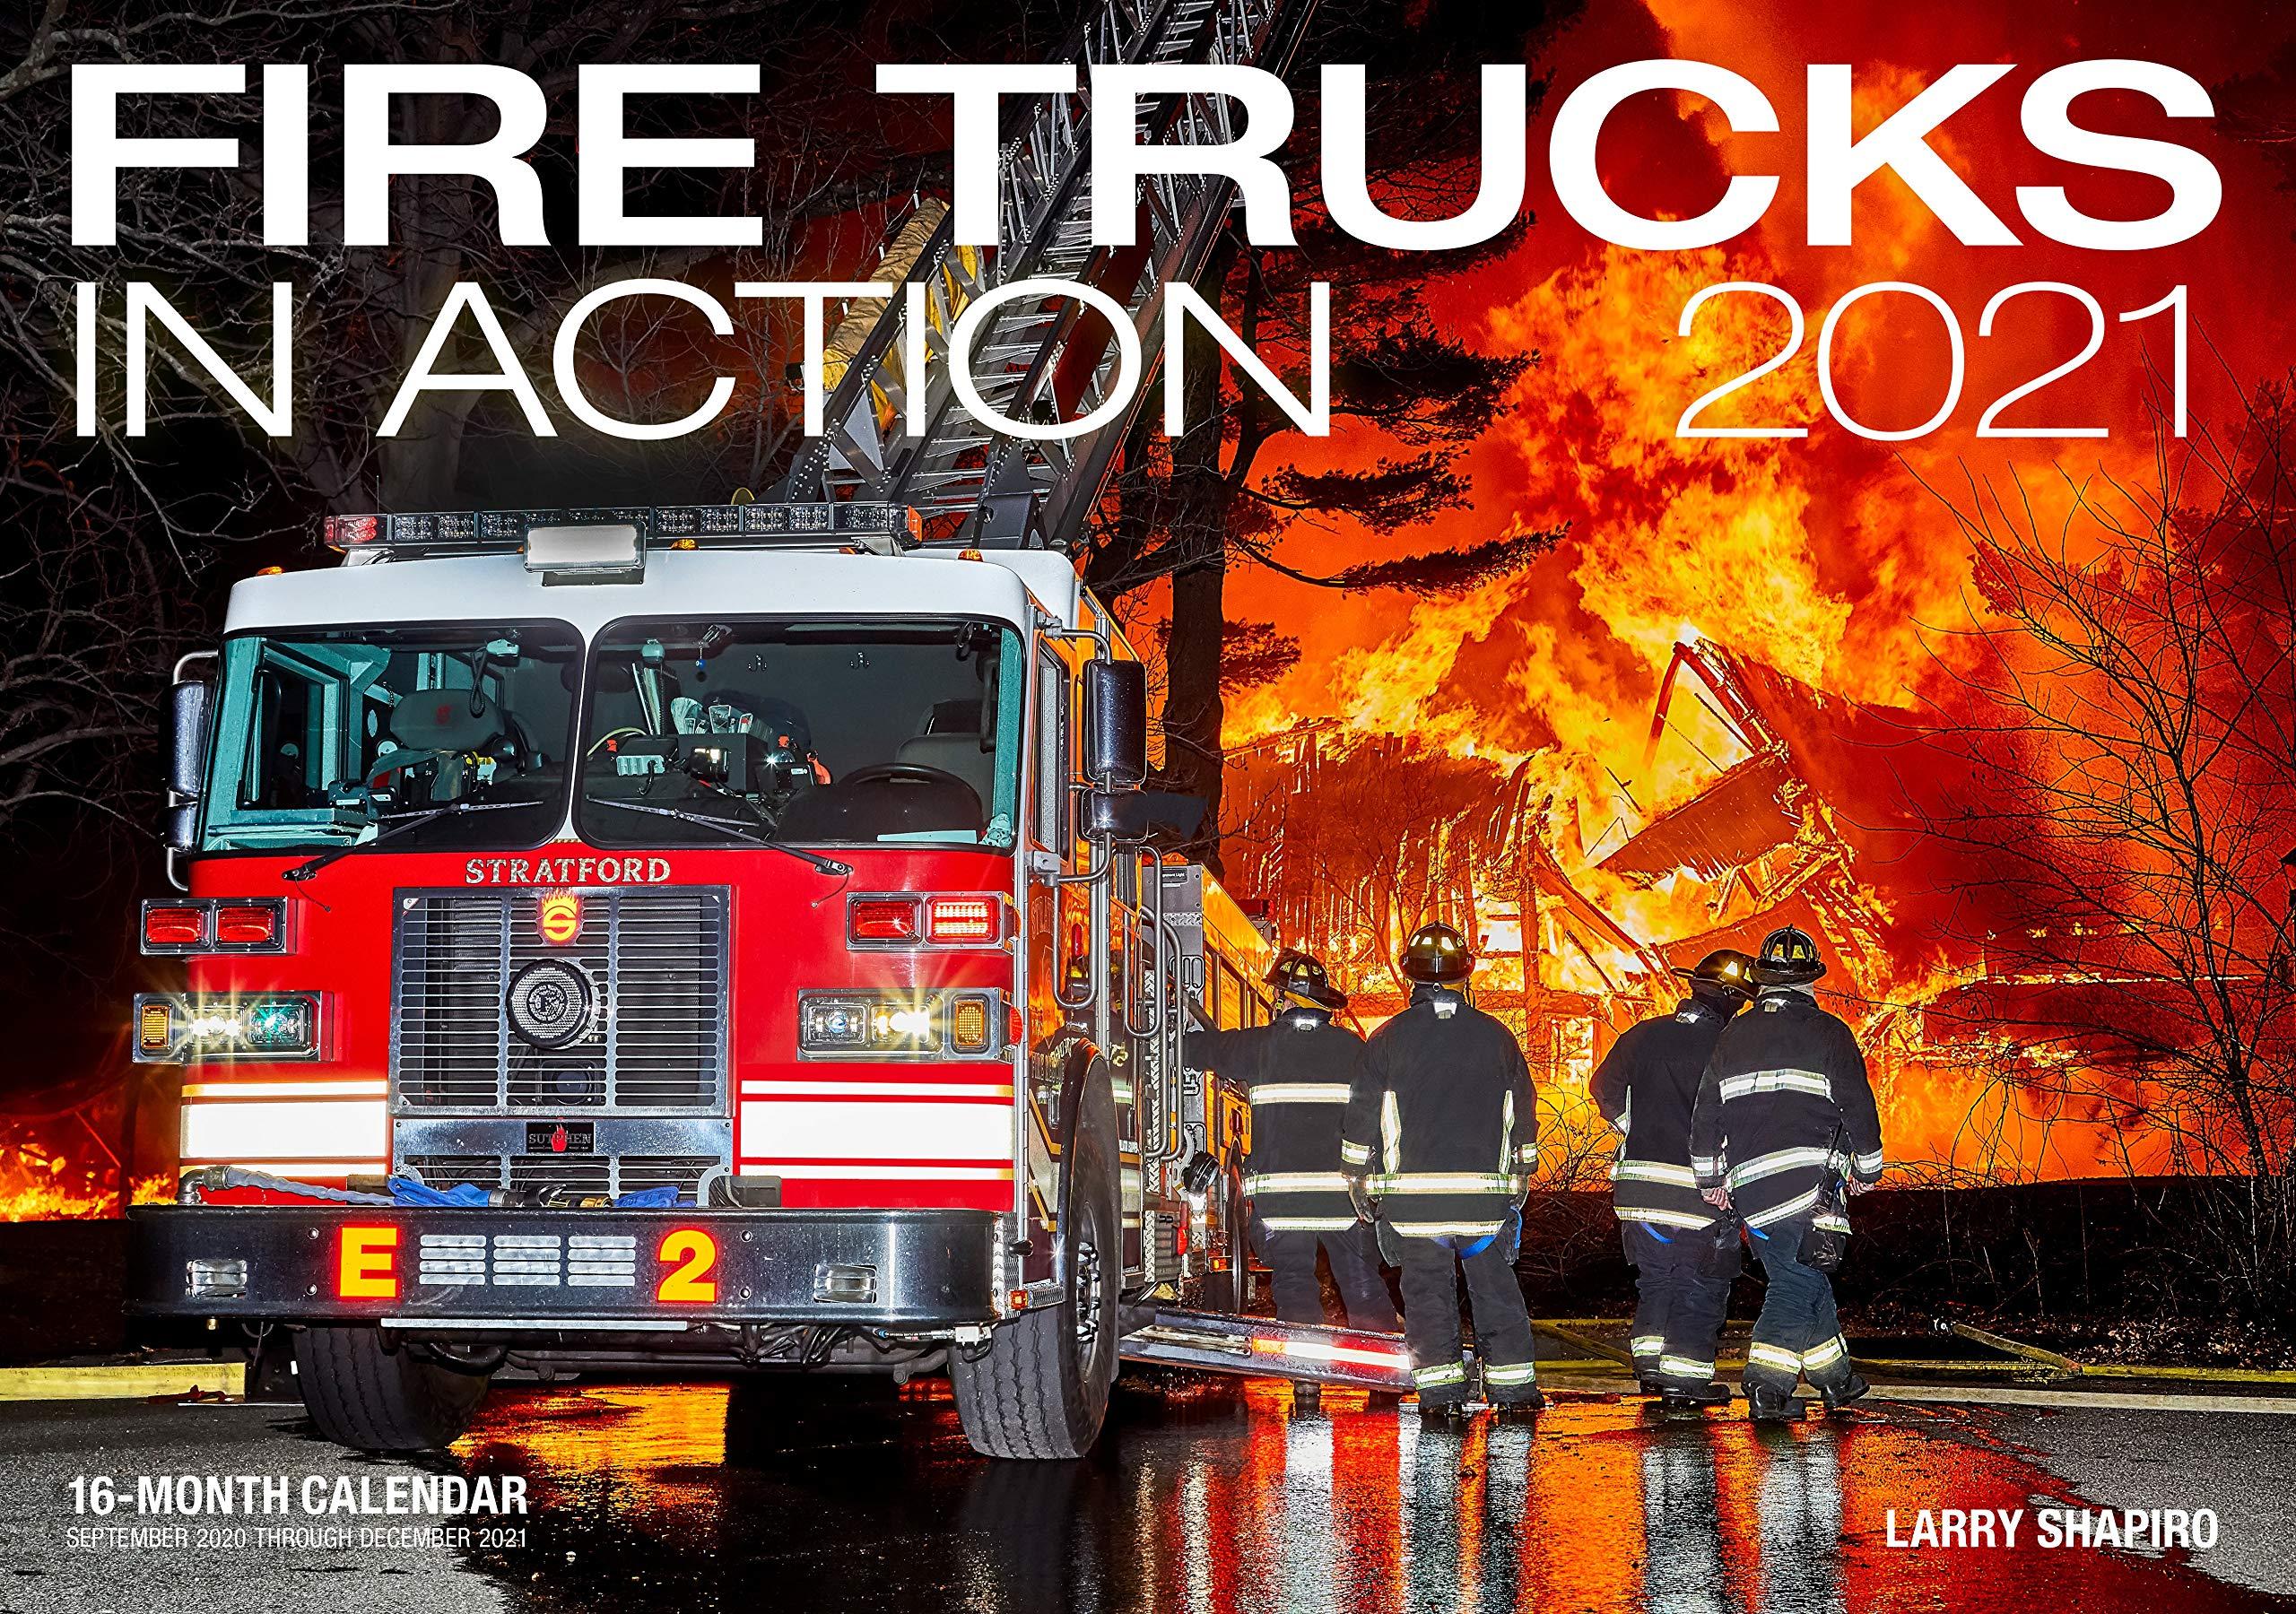 Image for Fire Trucks in Action 2021: 16-Month Calendar - September 2020 through December 2021